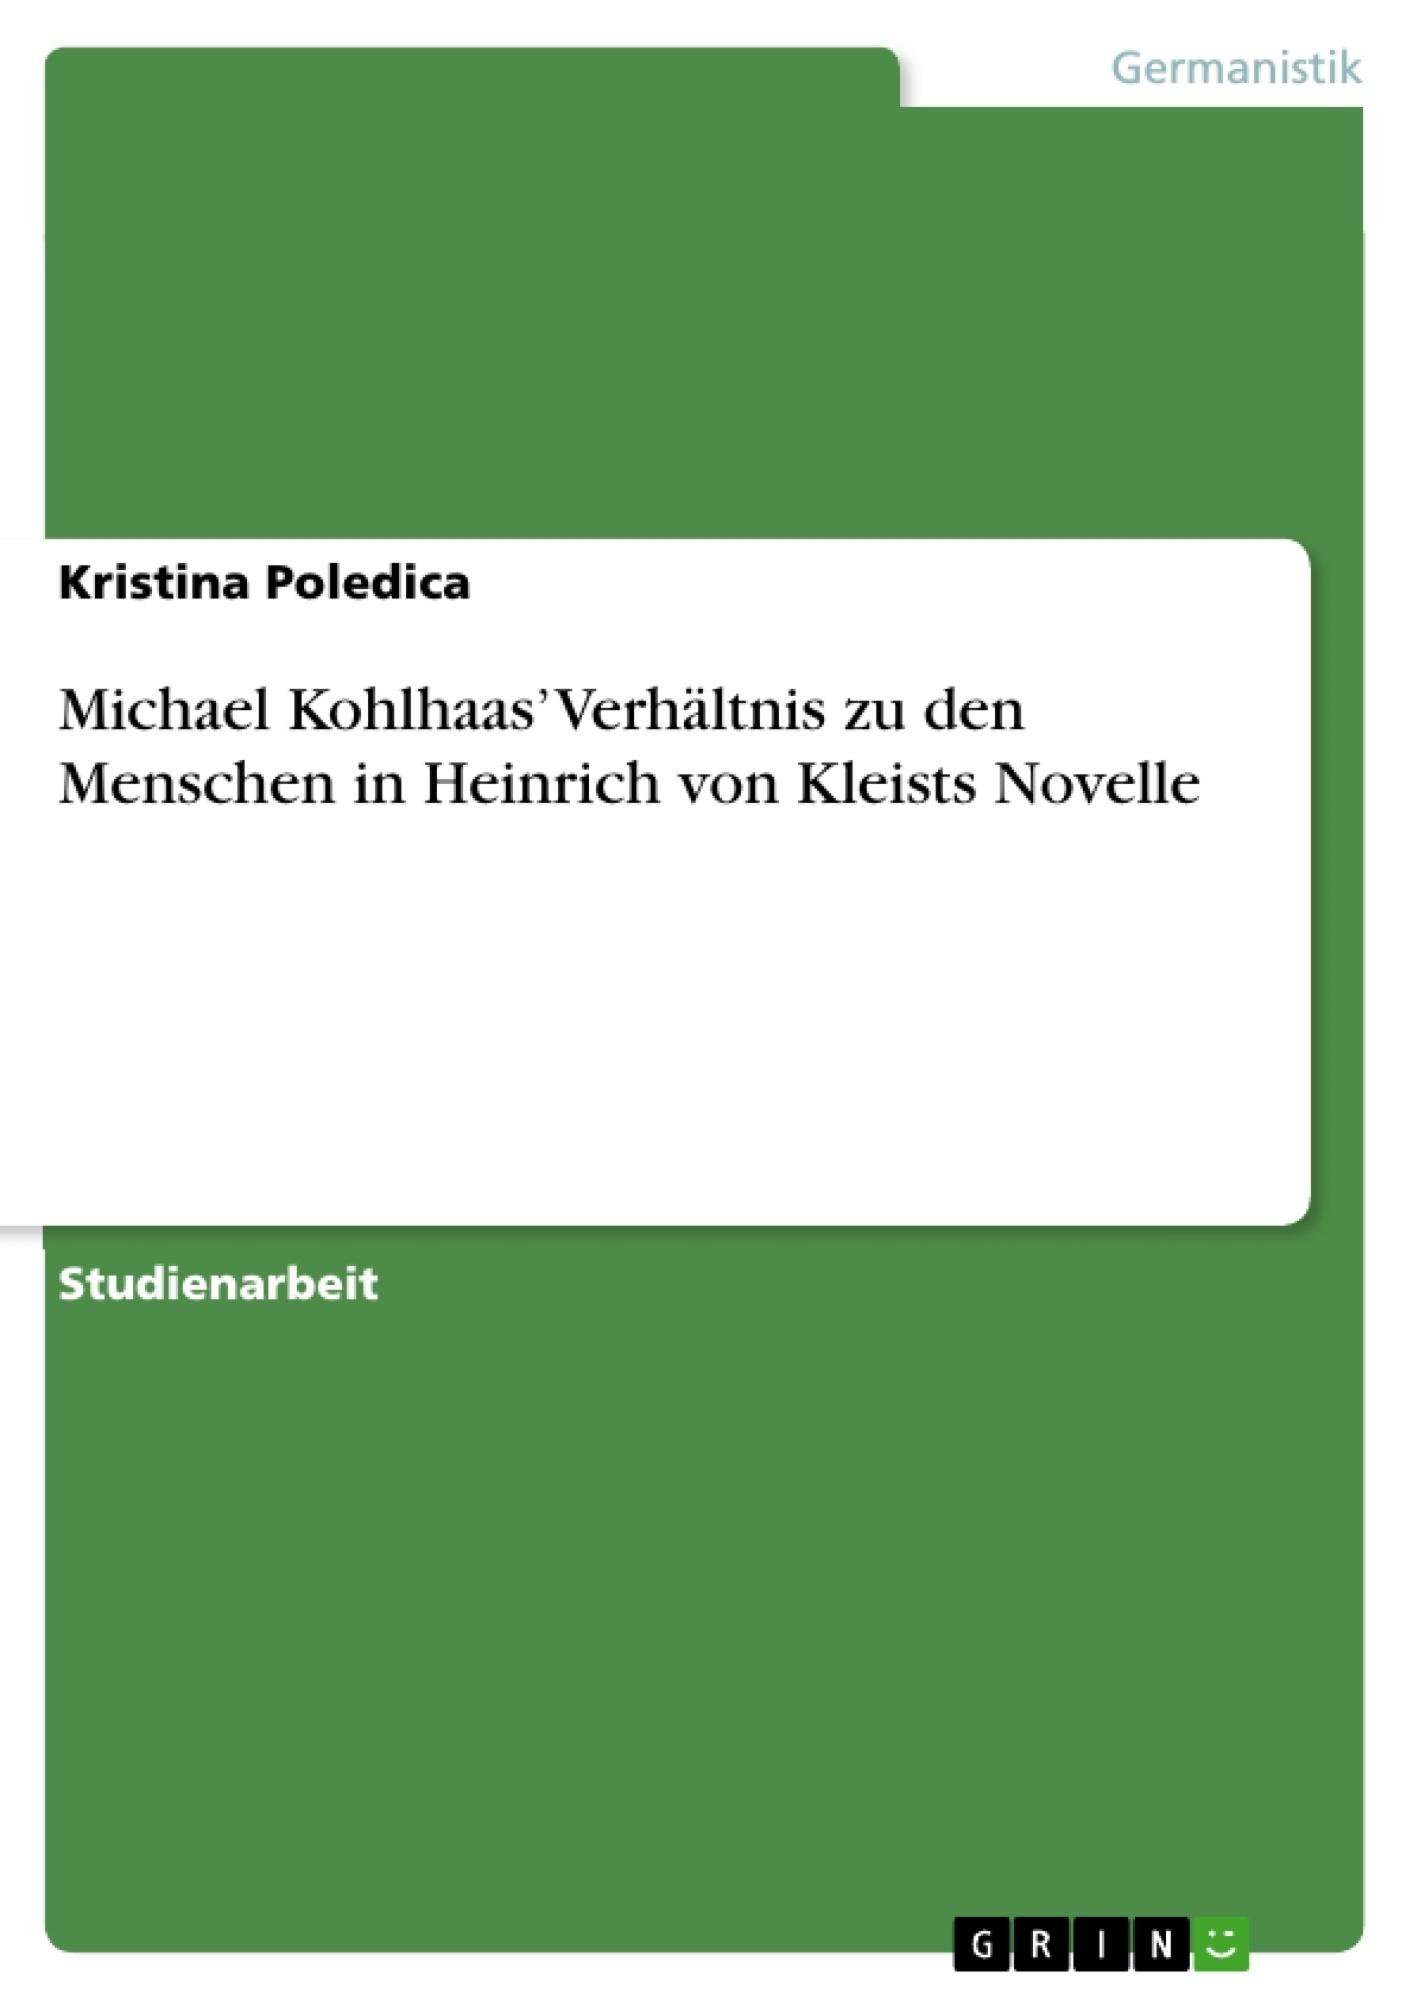 Titel: Michael Kohlhaas' Verhältnis zu den Menschen in Heinrich von Kleists Novelle